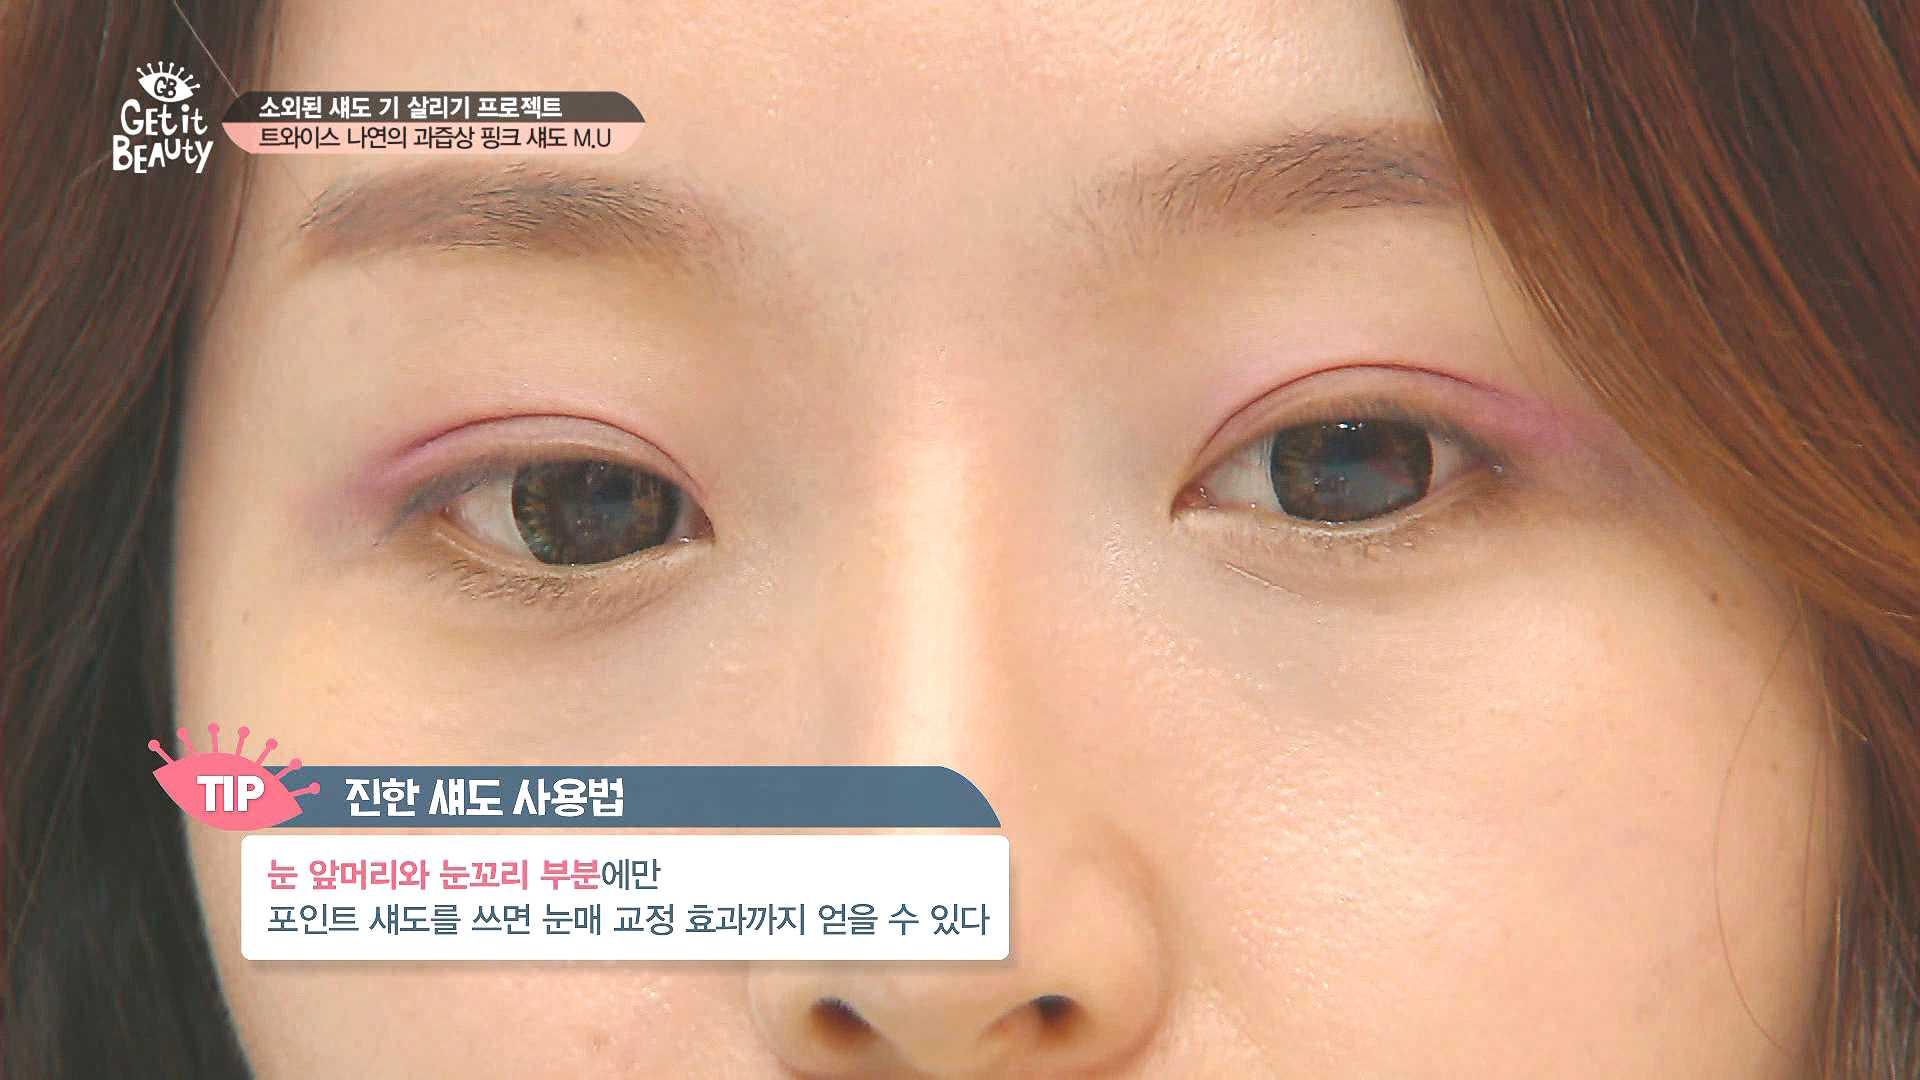 이때 눈 앞머리와 눈꼬리 부분에만 포인트 섀도를 쓰면 눈매 교정 효과까지 얻을 수 있어요 !